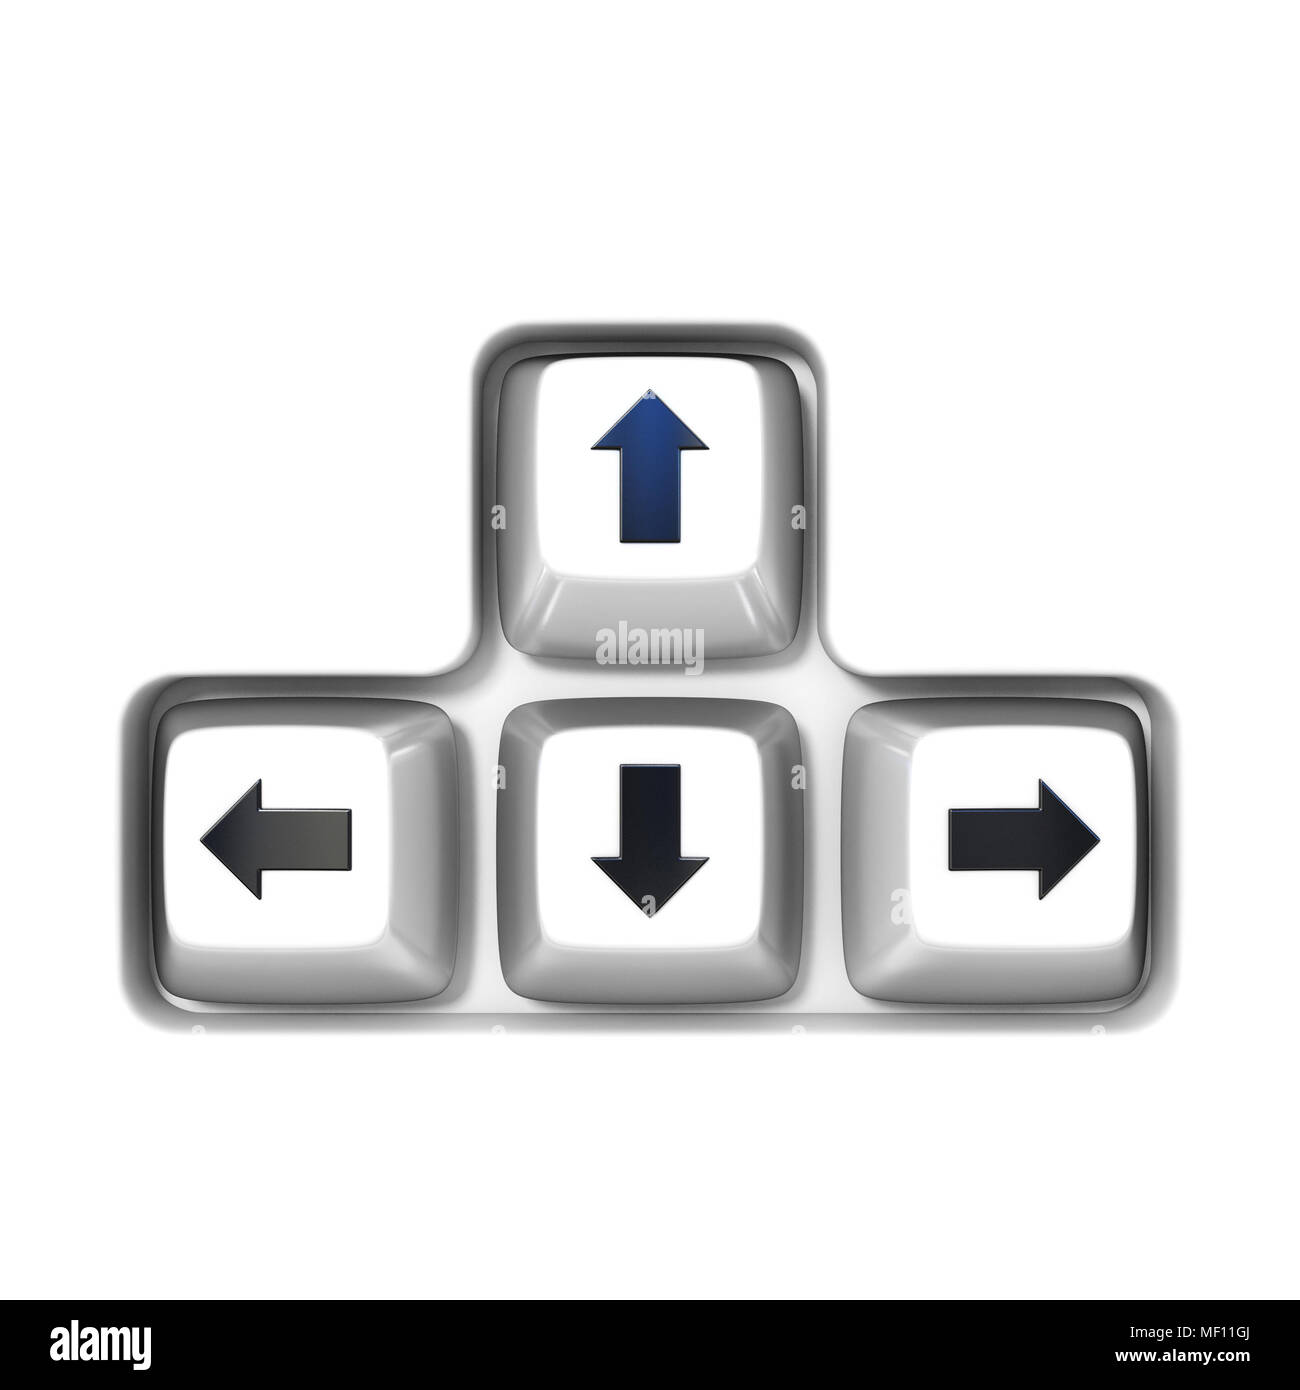 Keyboard Arrow Cursor Keys Buttons 3d Rendering Illustration